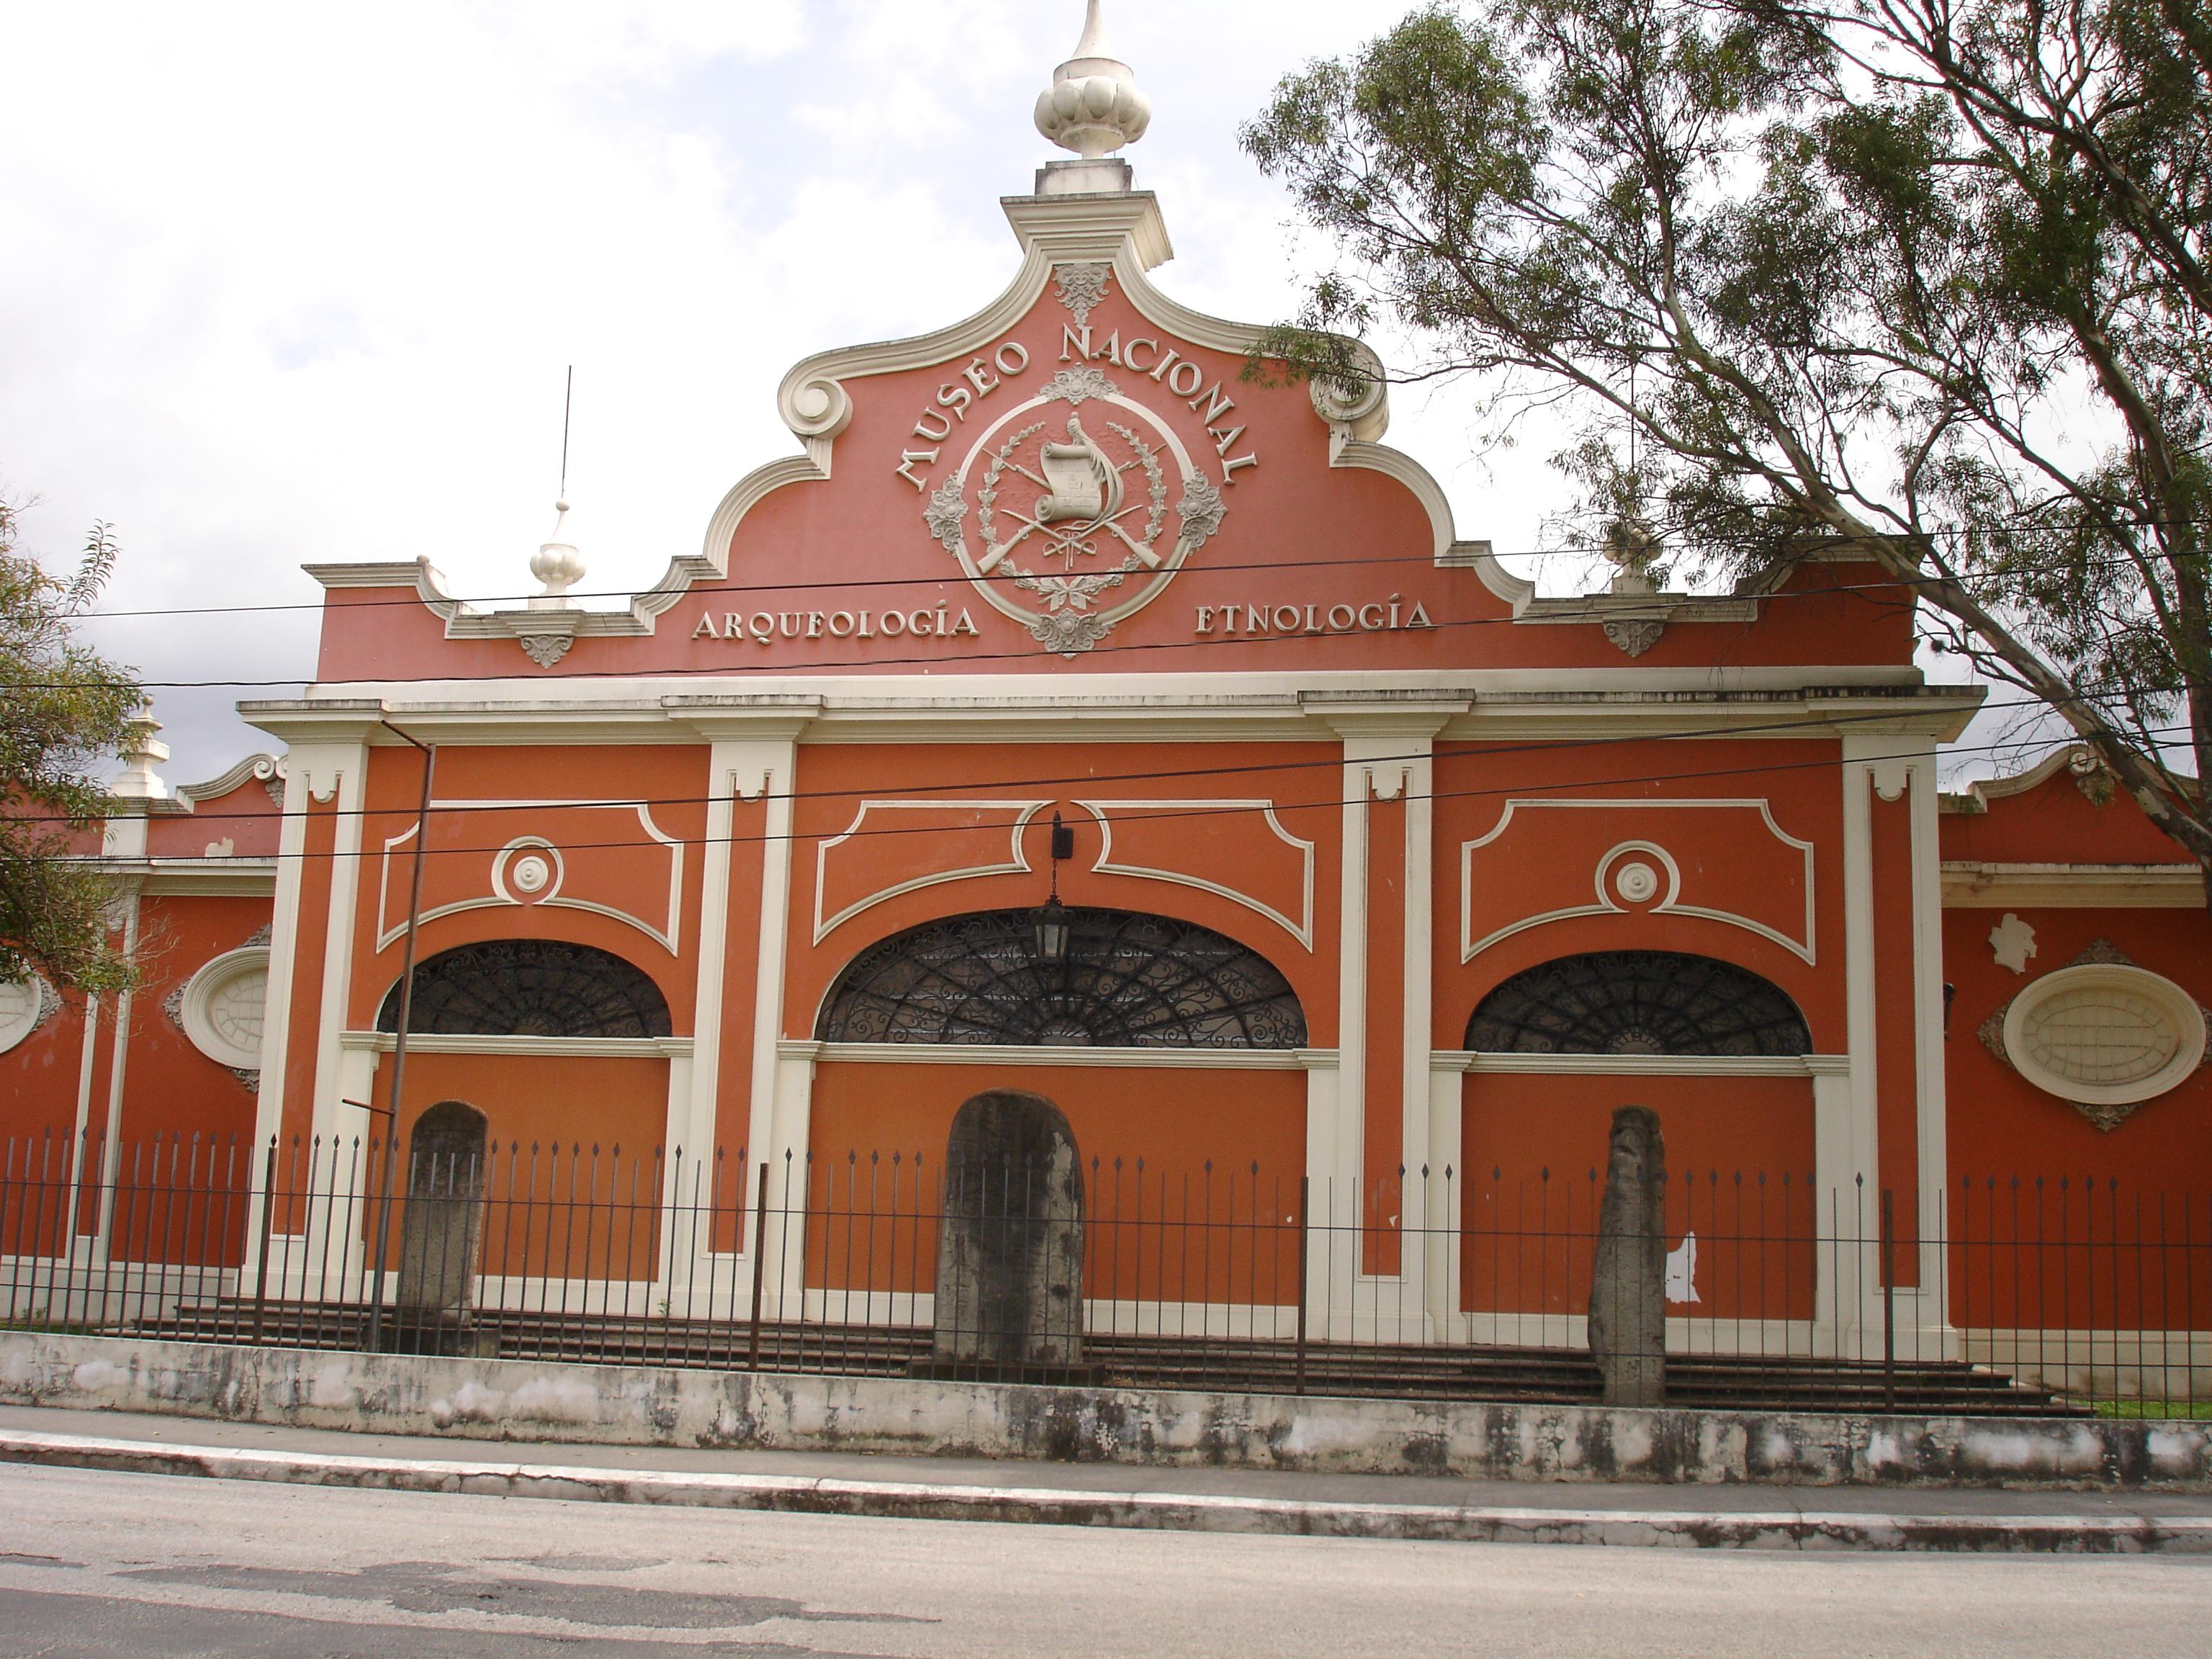 Museo De.Museo Nacional De Arqueologia Y Etnologia Wikipedia